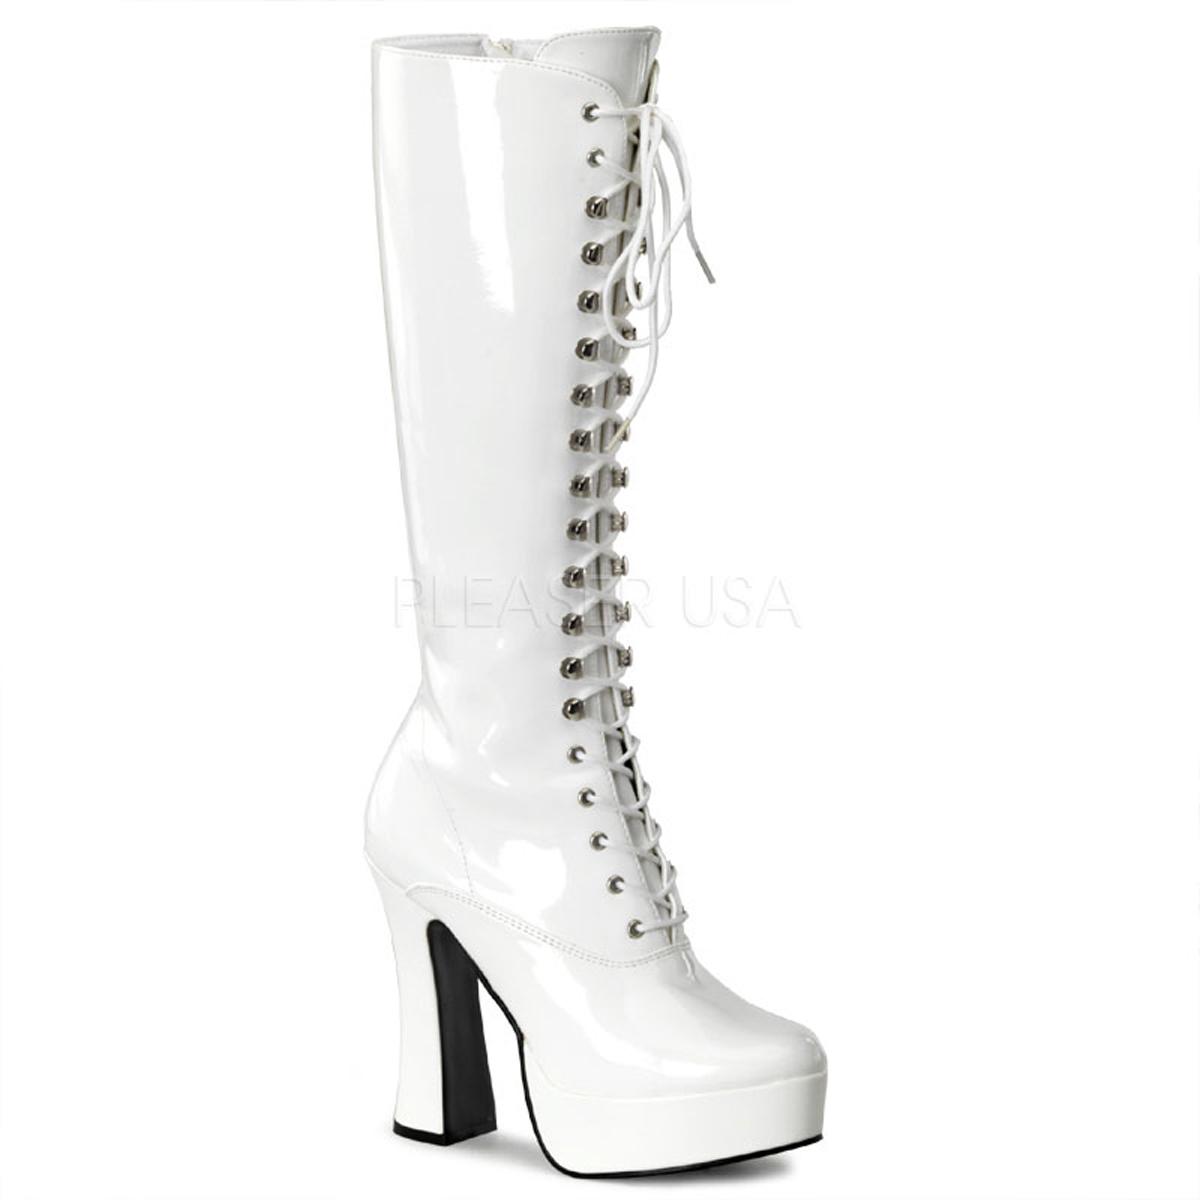 porter des bottes blanches talon haut plateforme